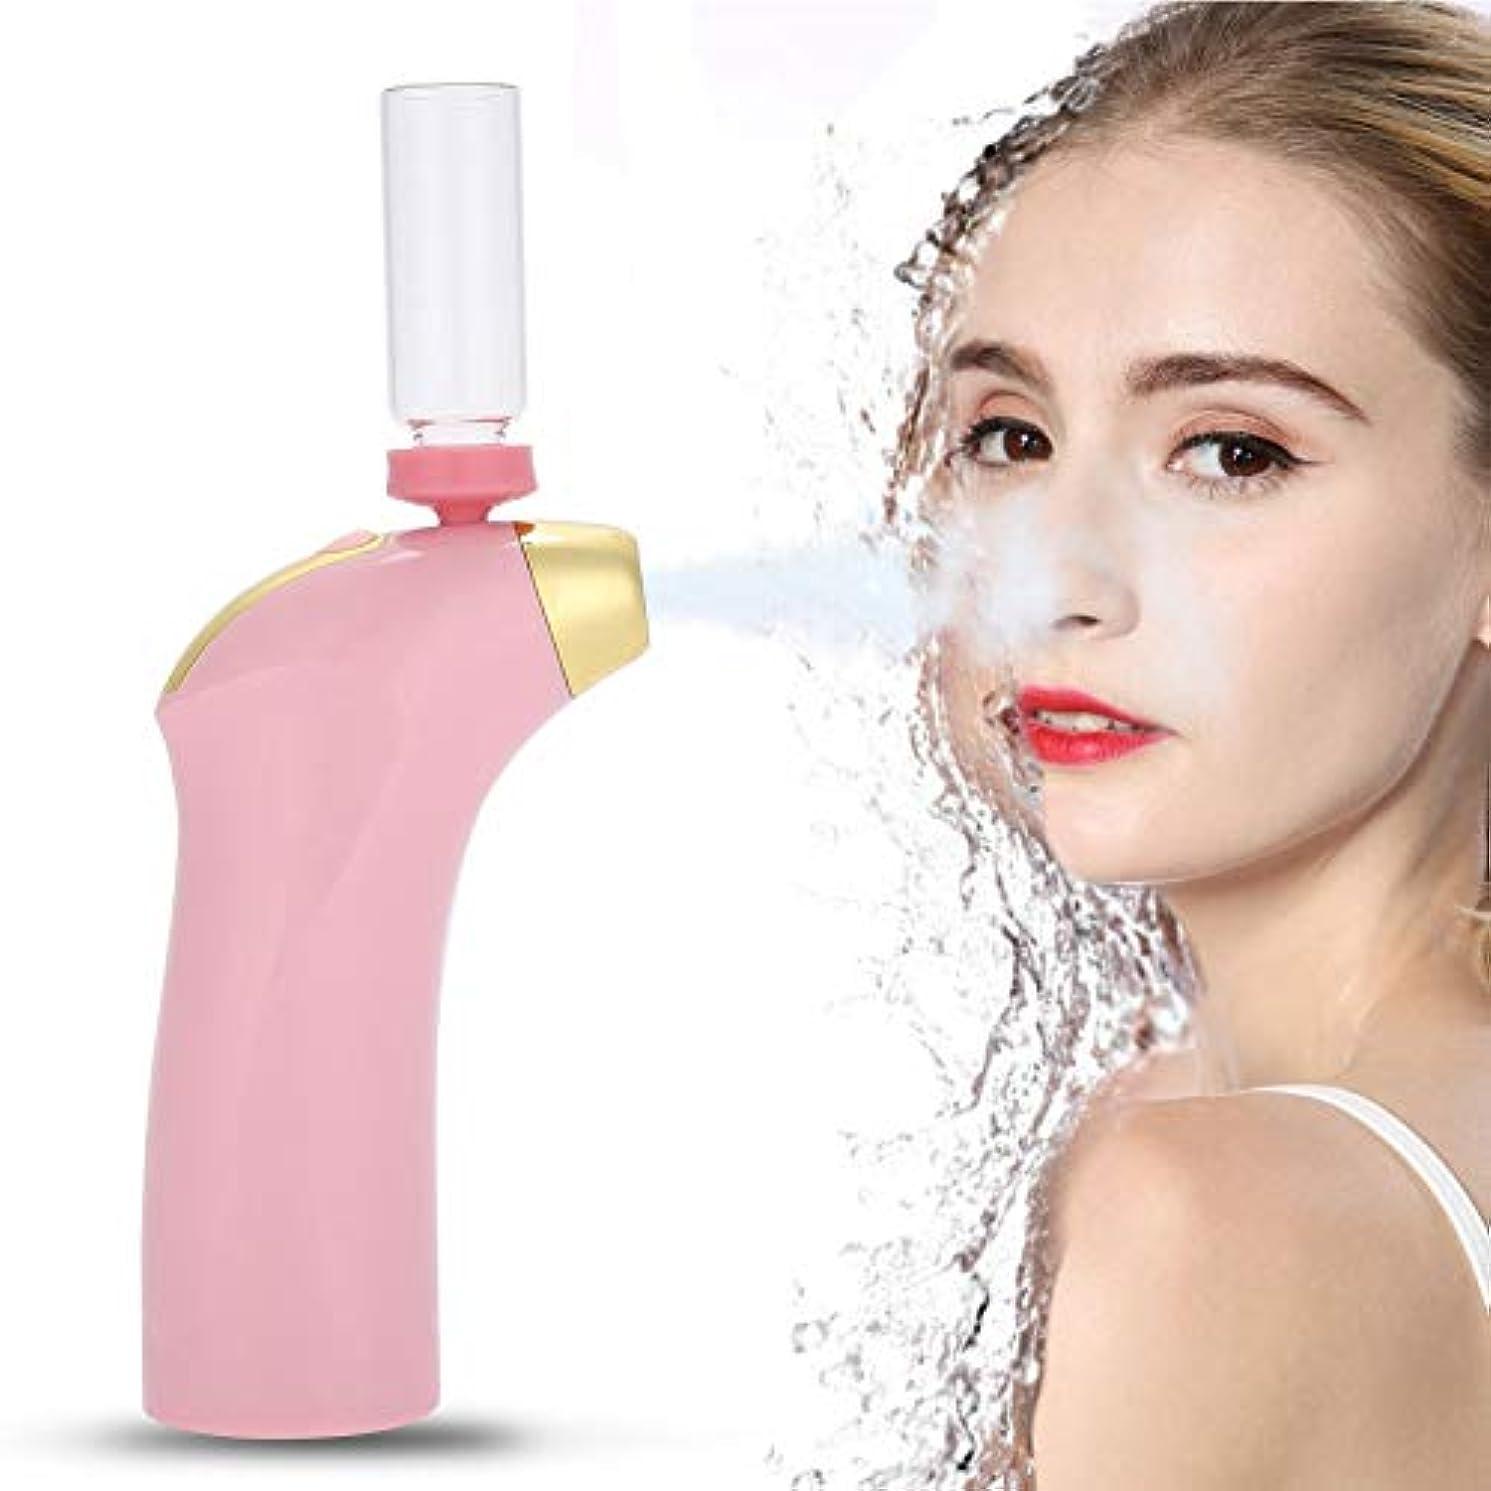 架空の焦がす印象派専門の酸素の注入のスプレーガン - 顔の皮の若返りの美機械、顔の美の器械、引き締まる皮は、肌の色合い、色素形成を改善します